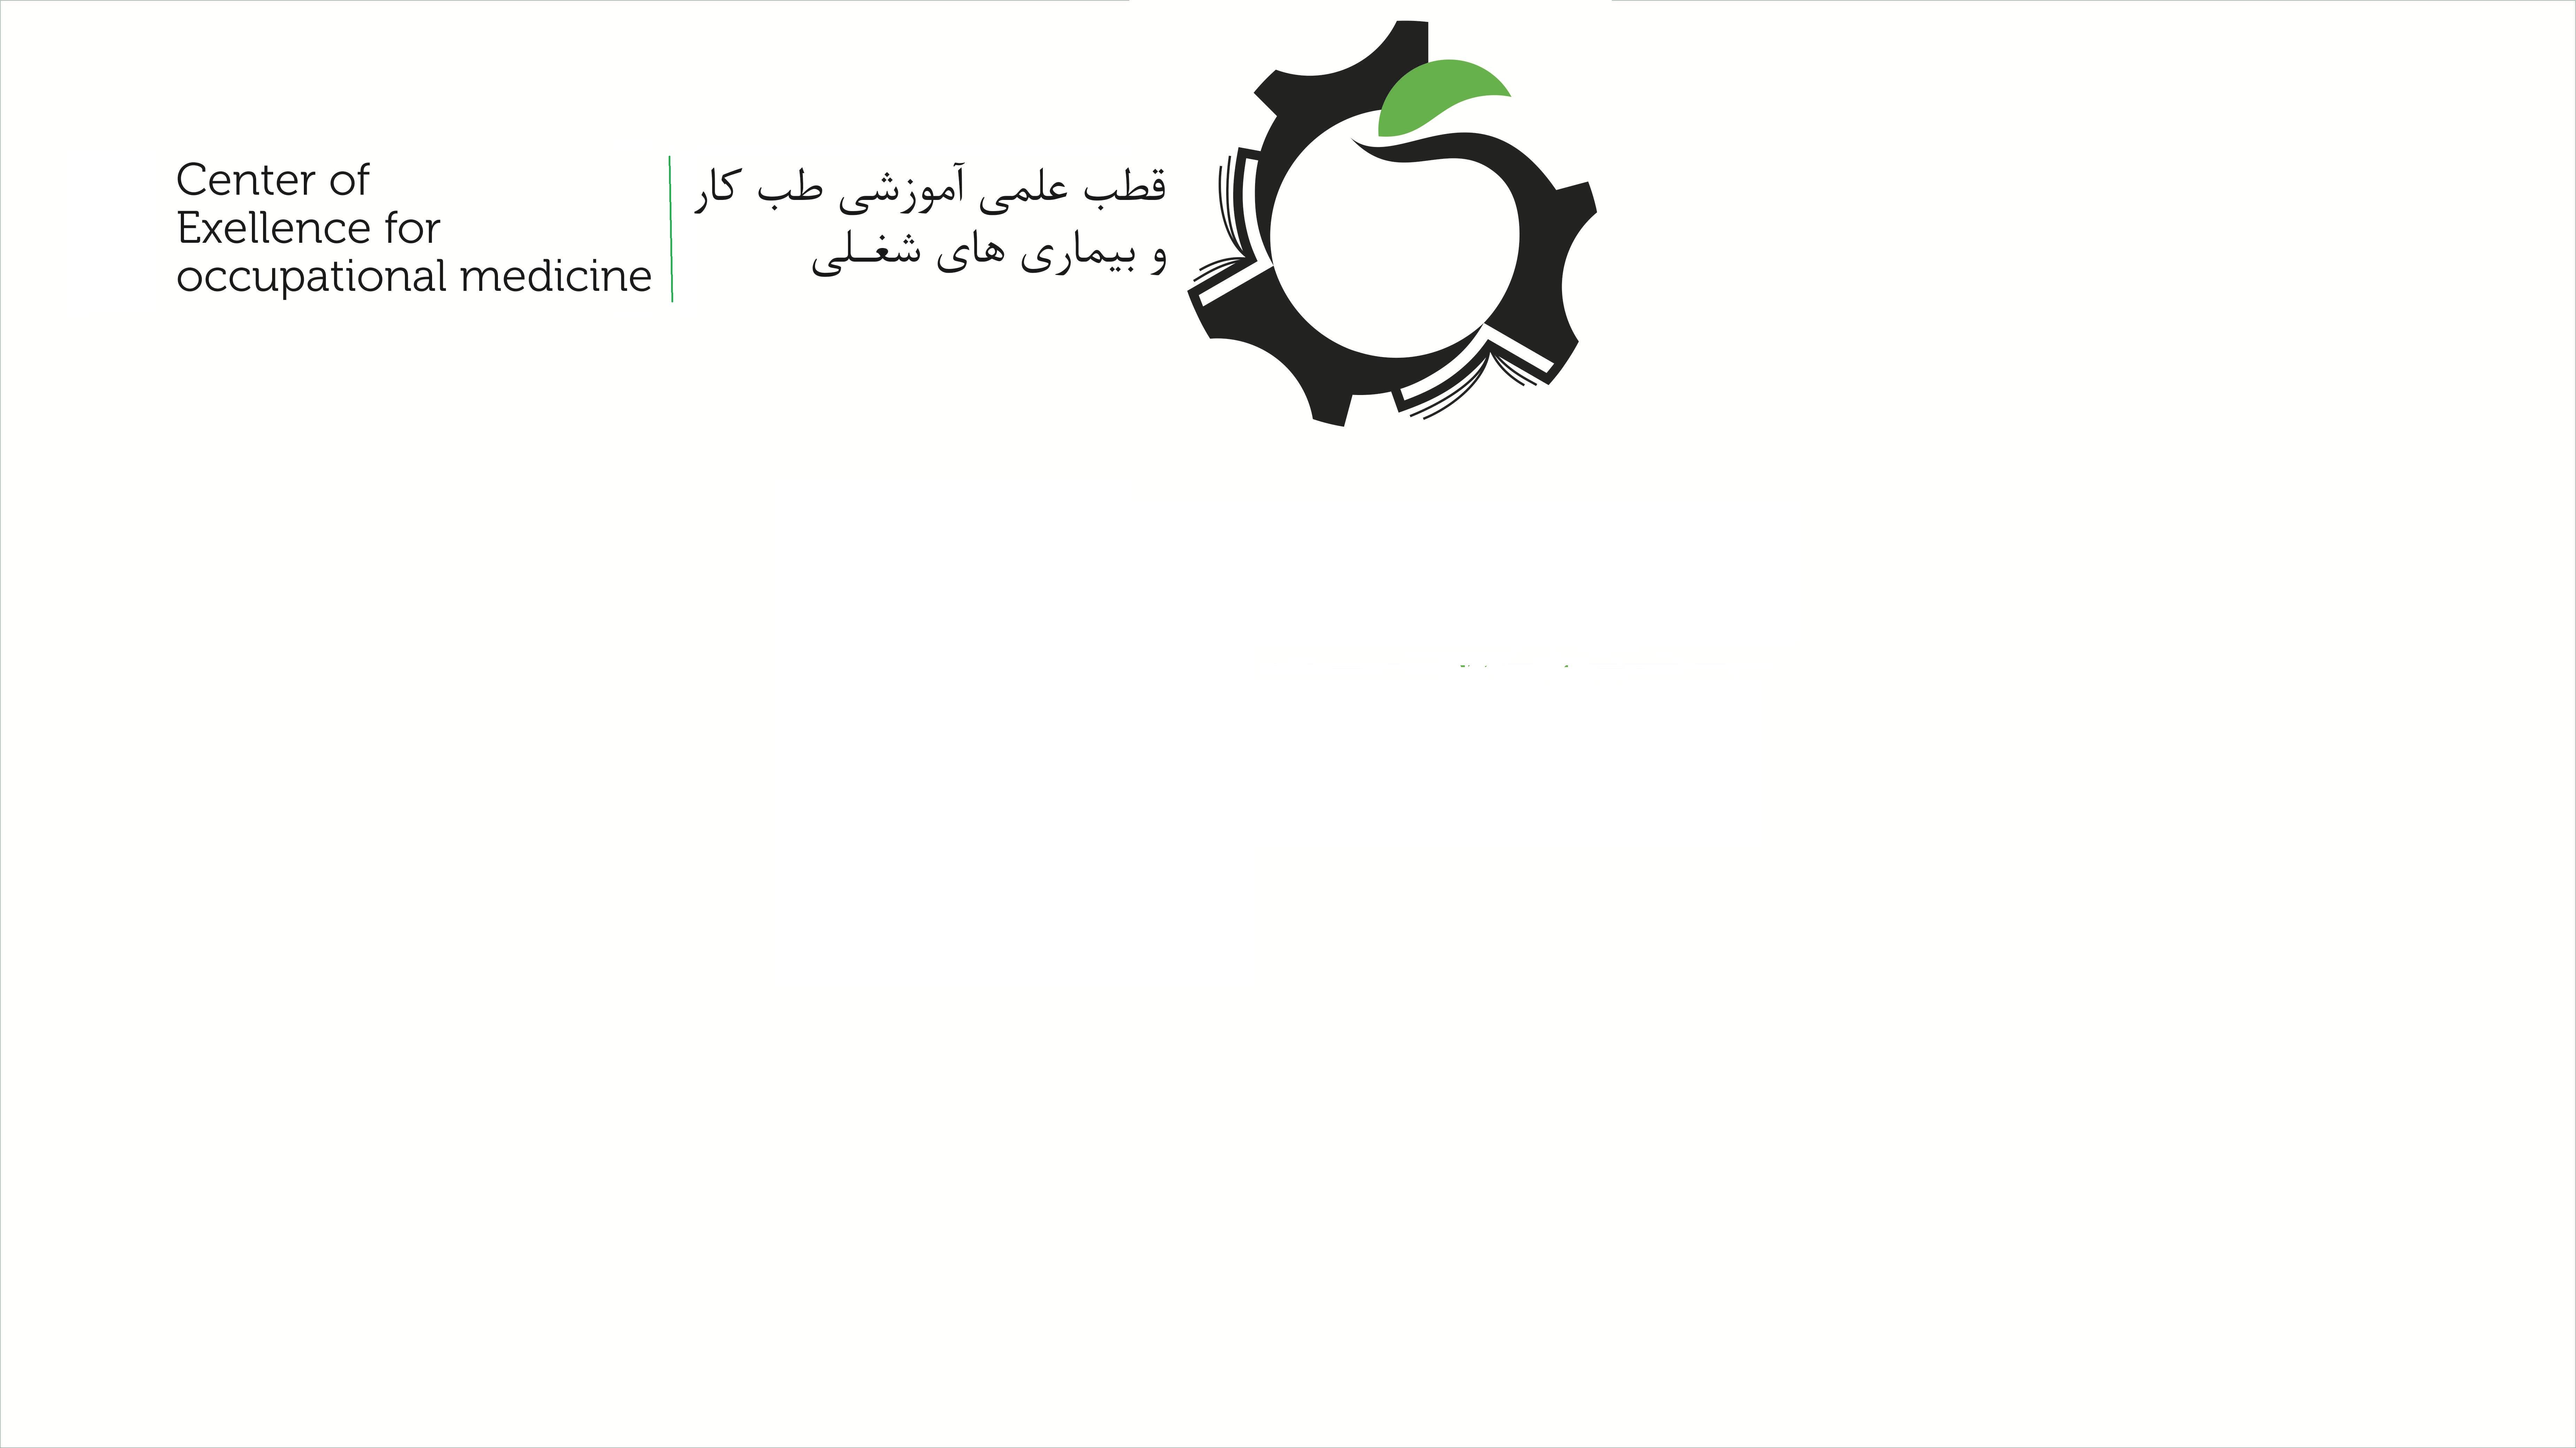 مرکز تخصصی طب کار بیمارستان شهید رهنمون